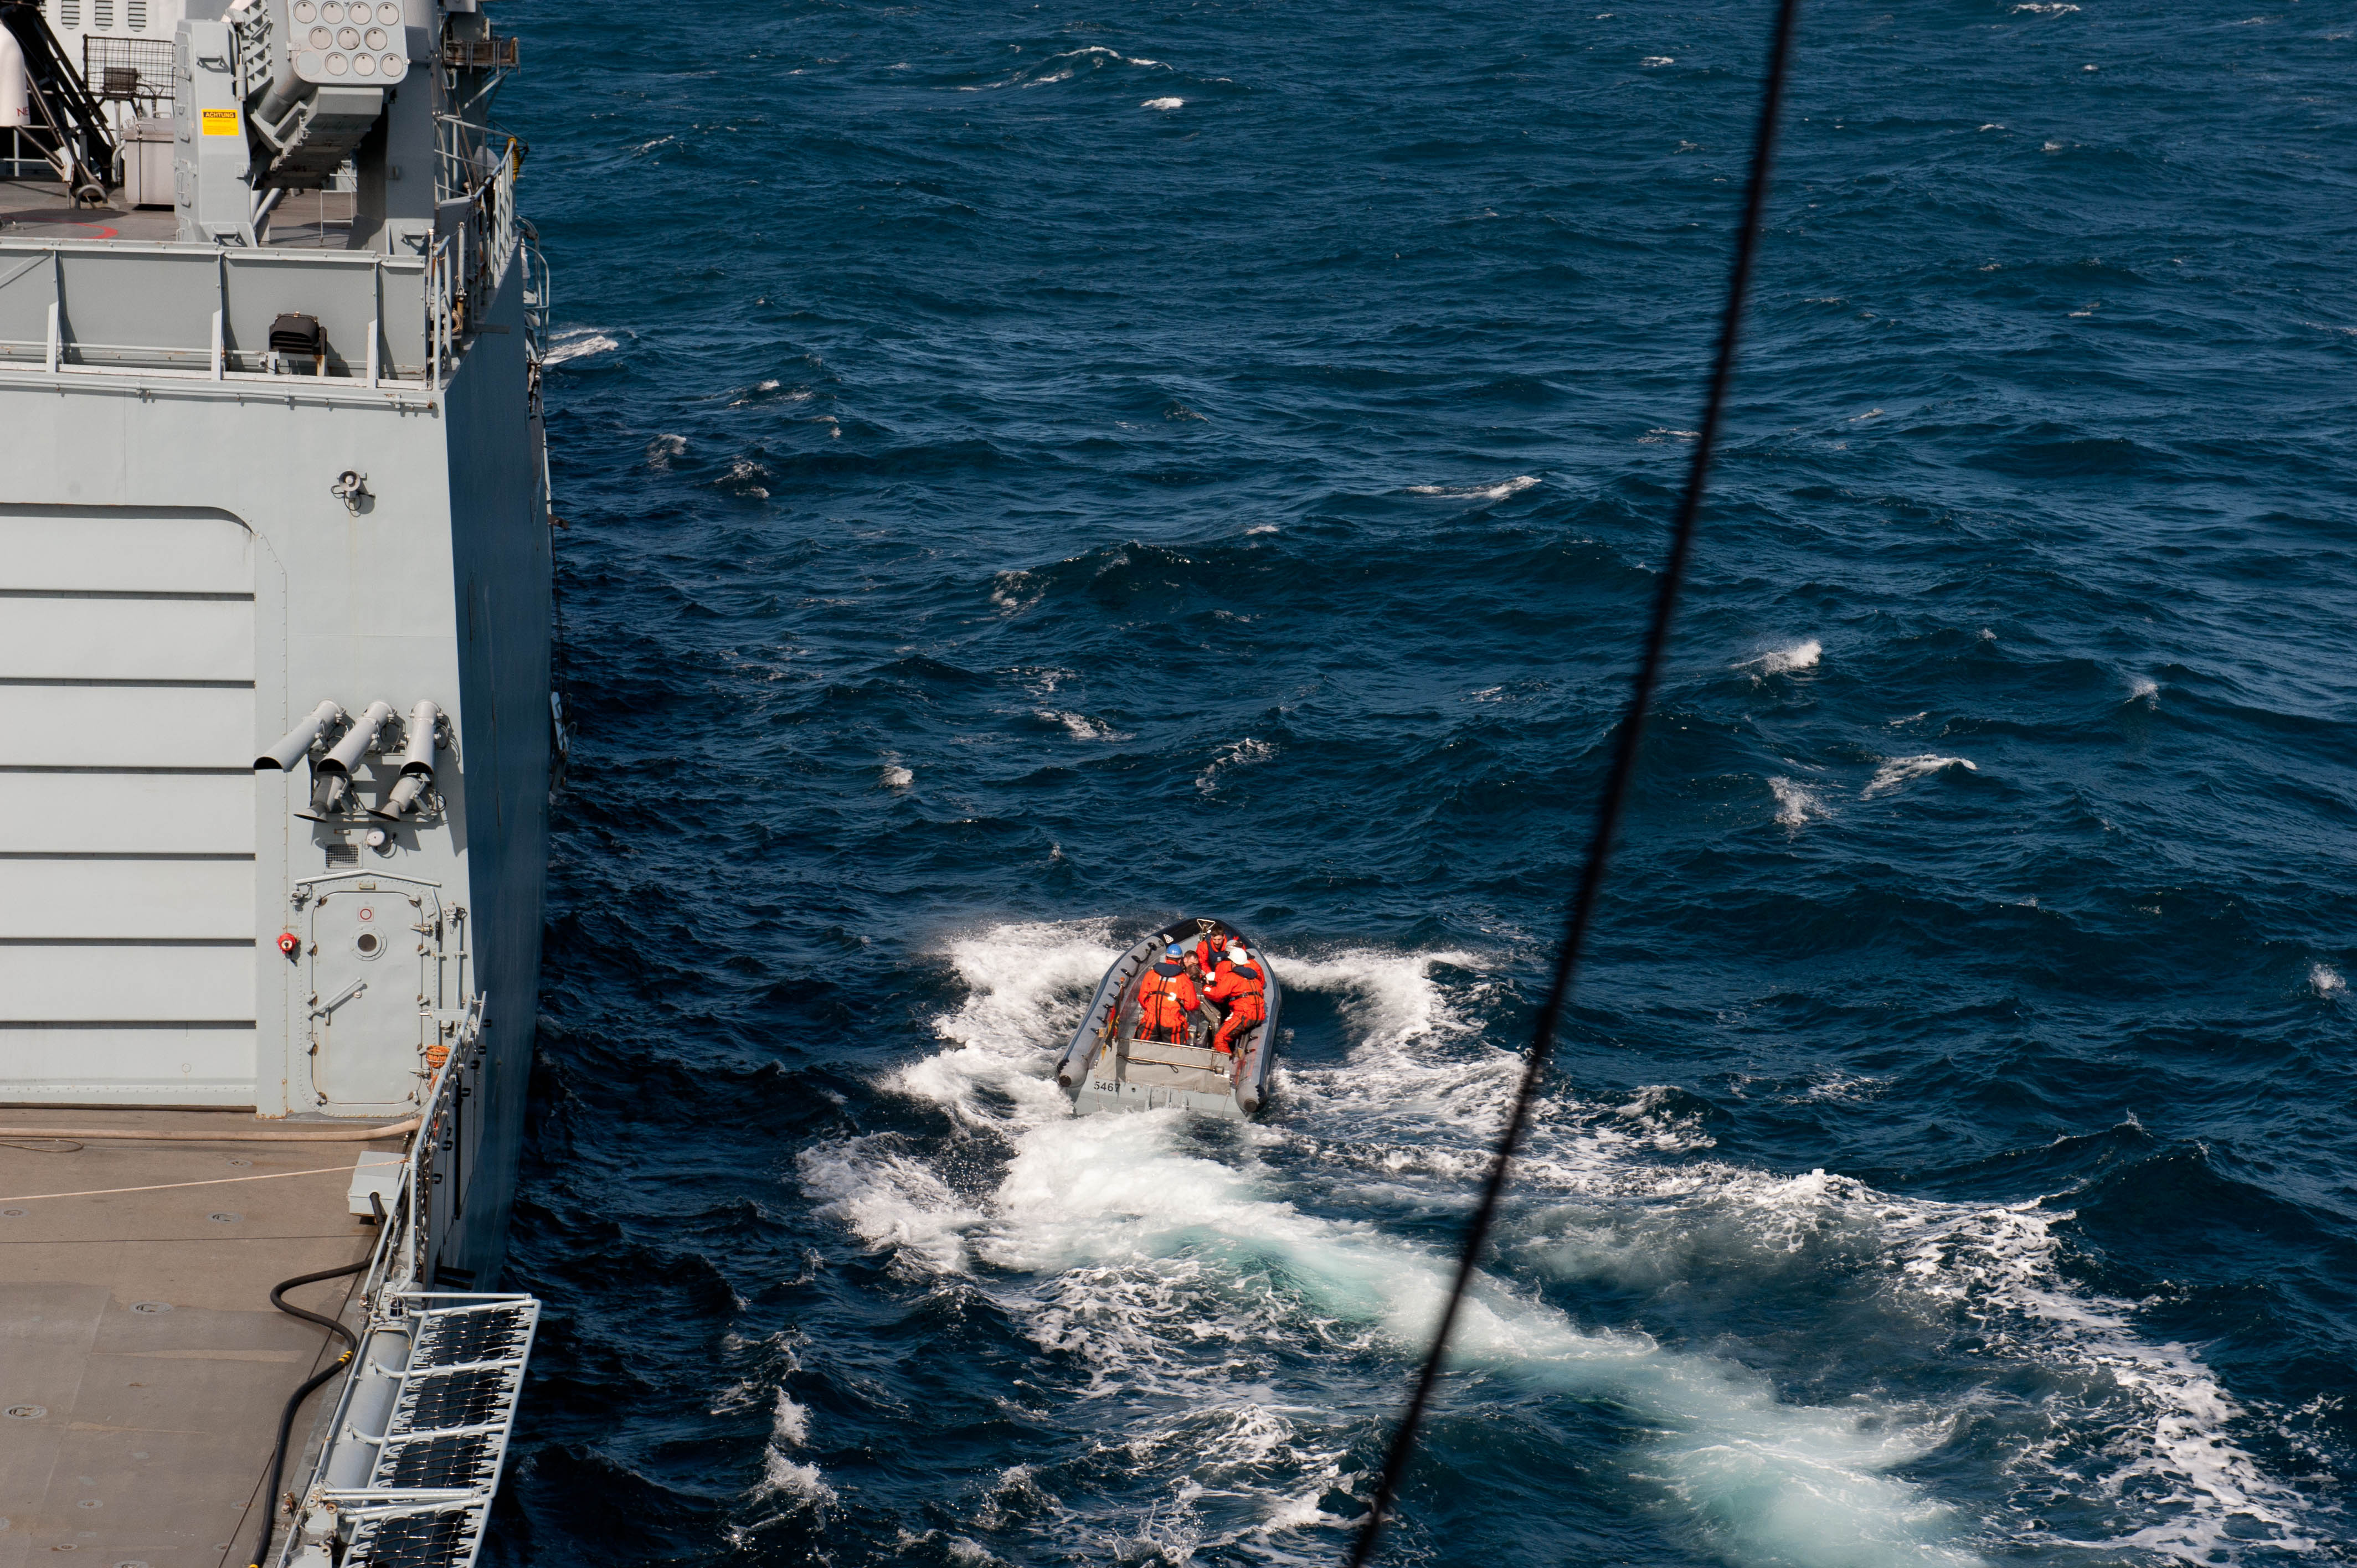 Un homme sauvé en mer au large de l'île de Ouessant  - Aucun(e)